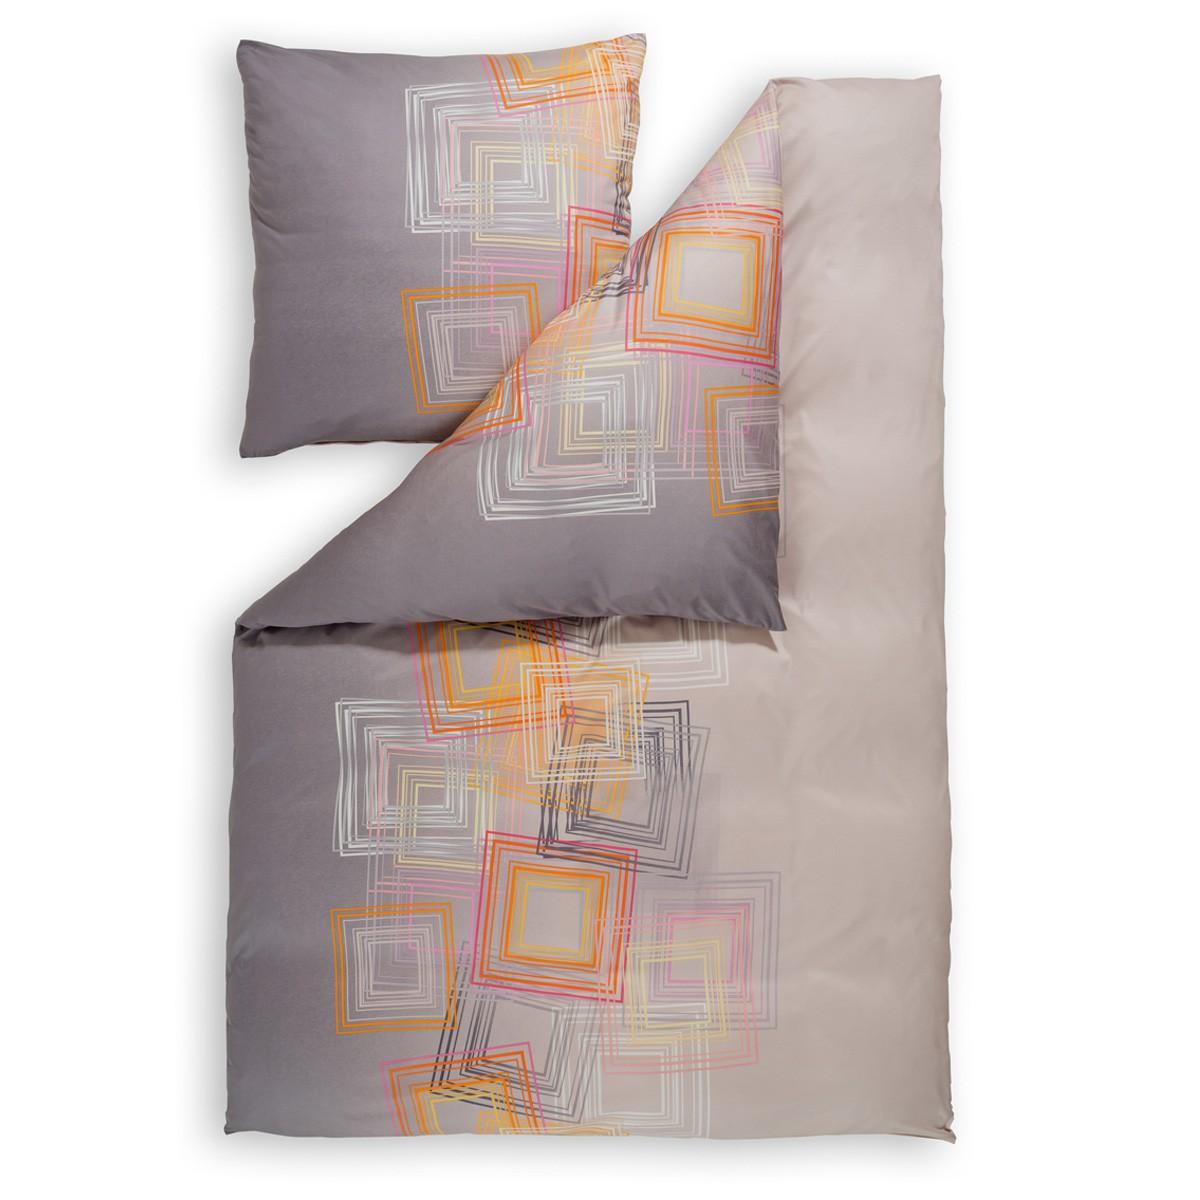 interlock jersey bettw sche estella mendo pink bettw sche. Black Bedroom Furniture Sets. Home Design Ideas